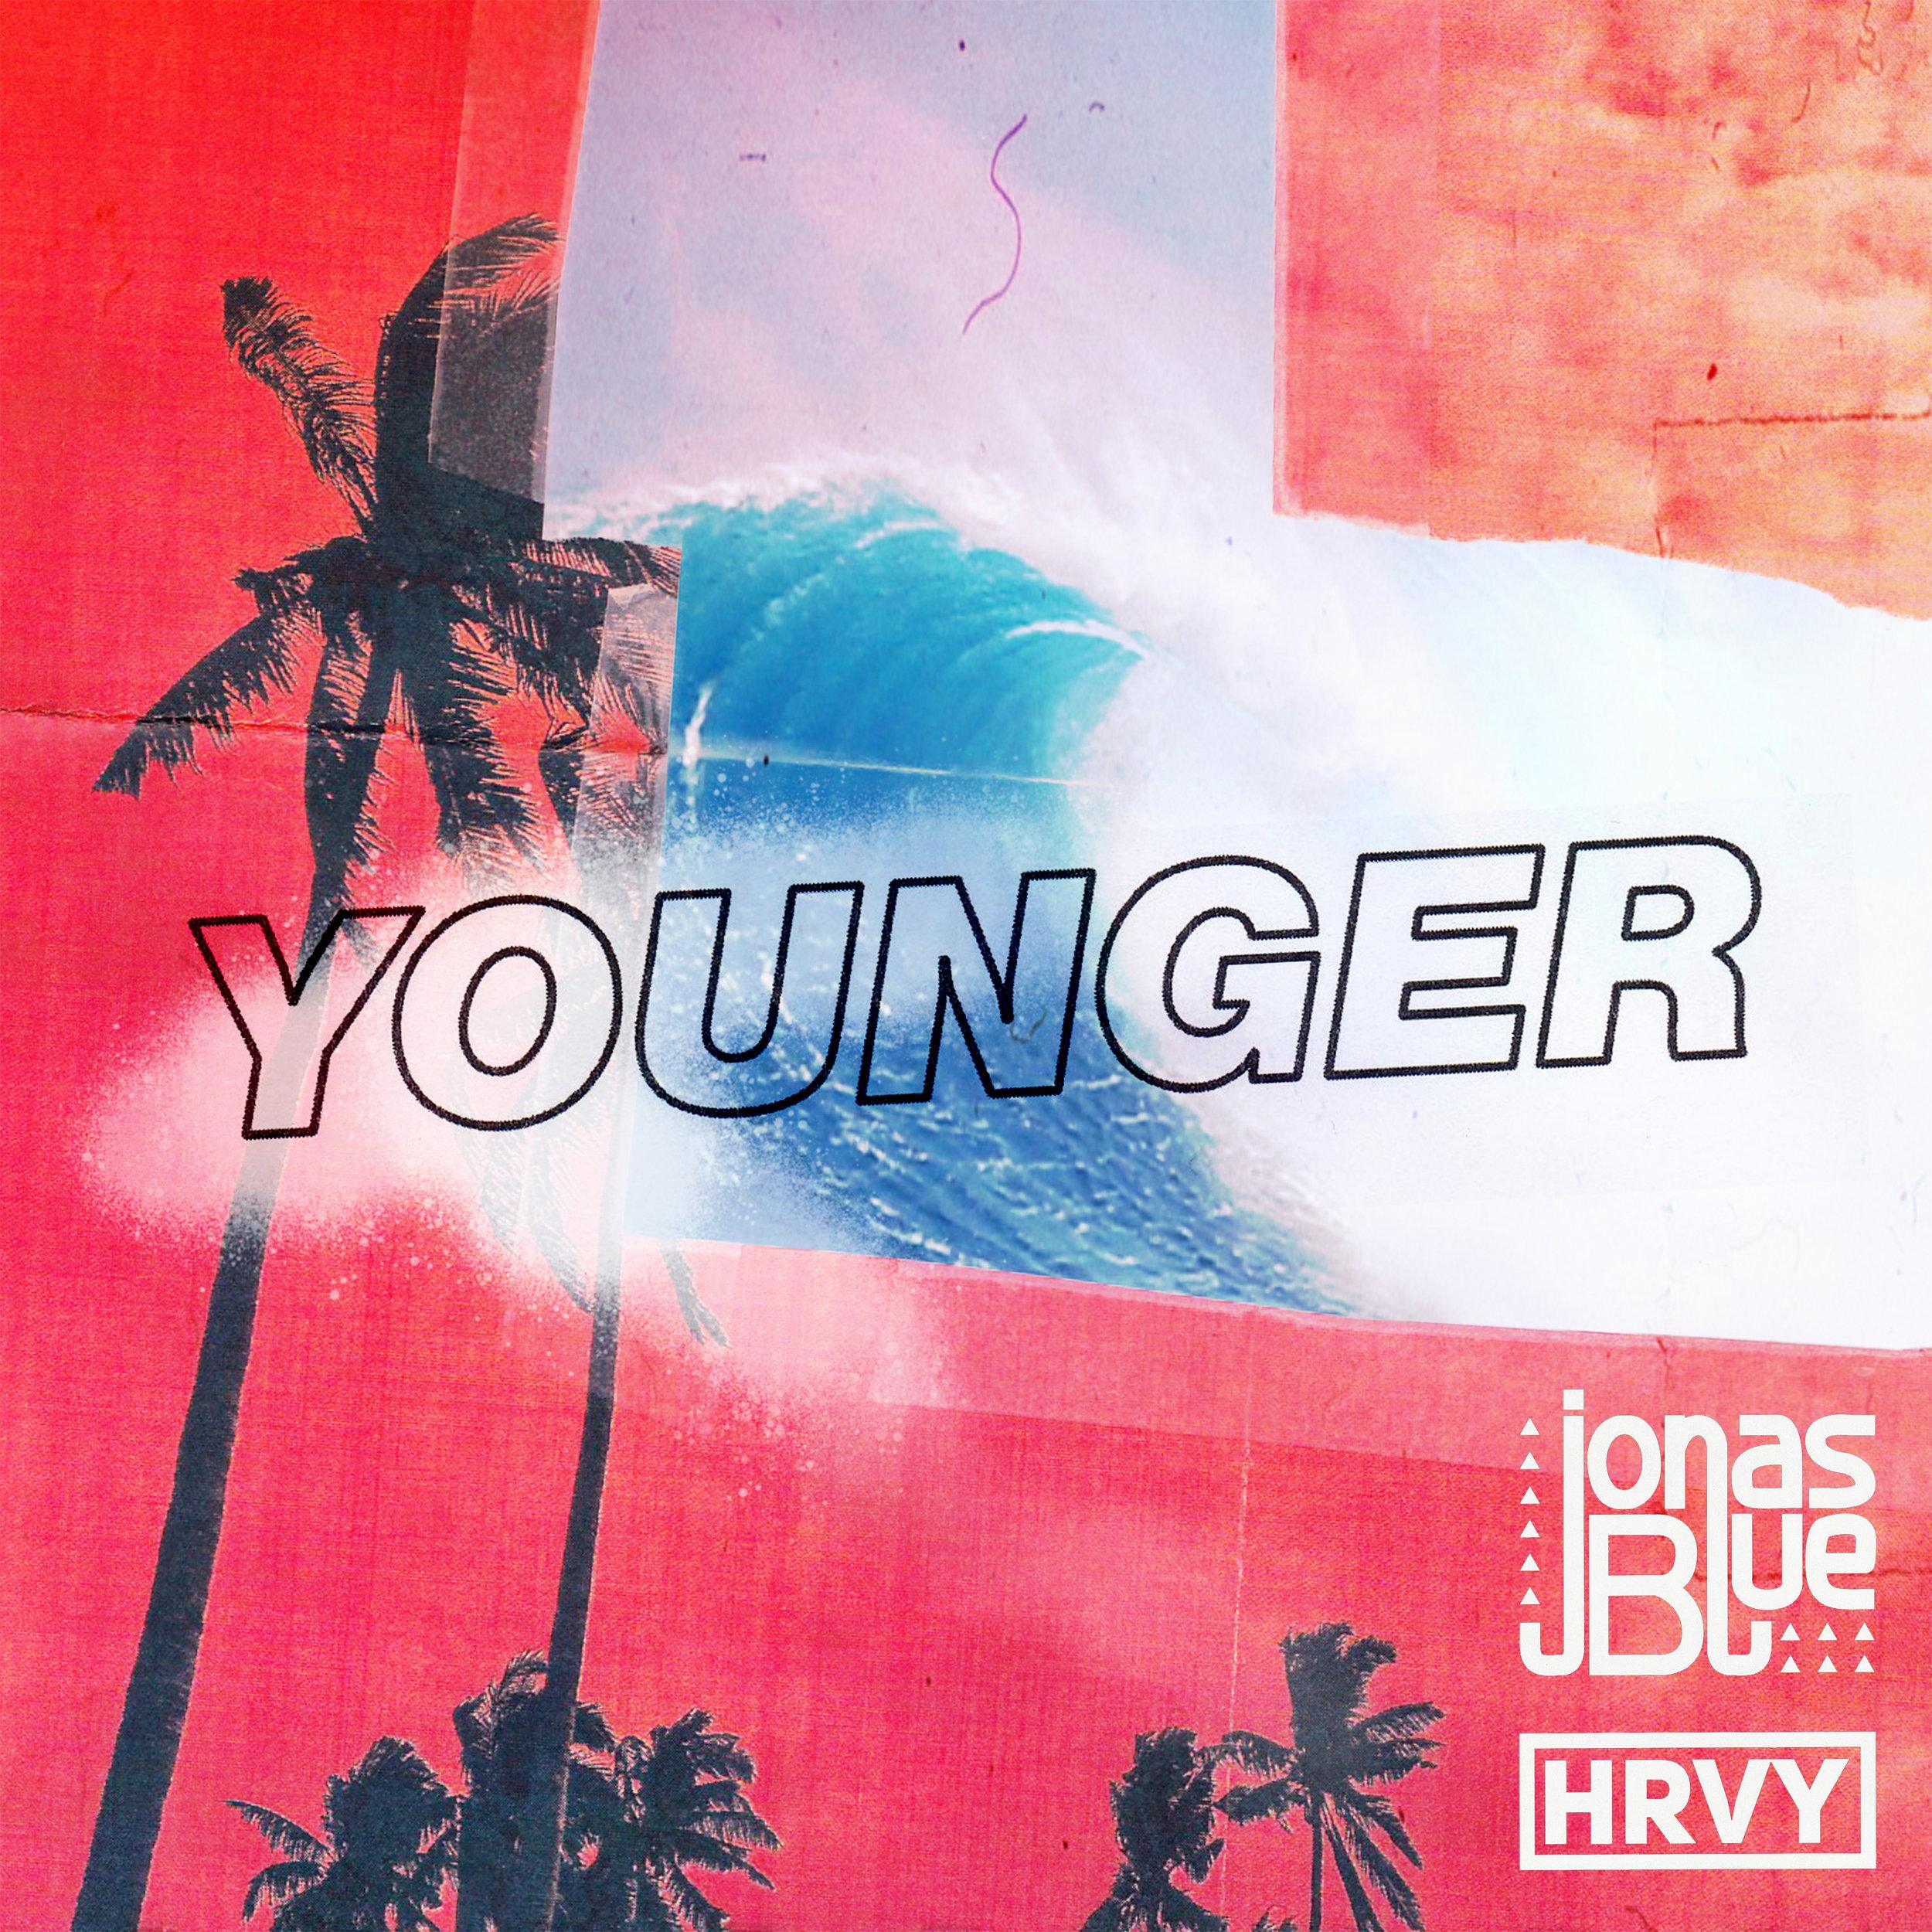 JONAS HRVY-Younger-Artwork-final.jpg